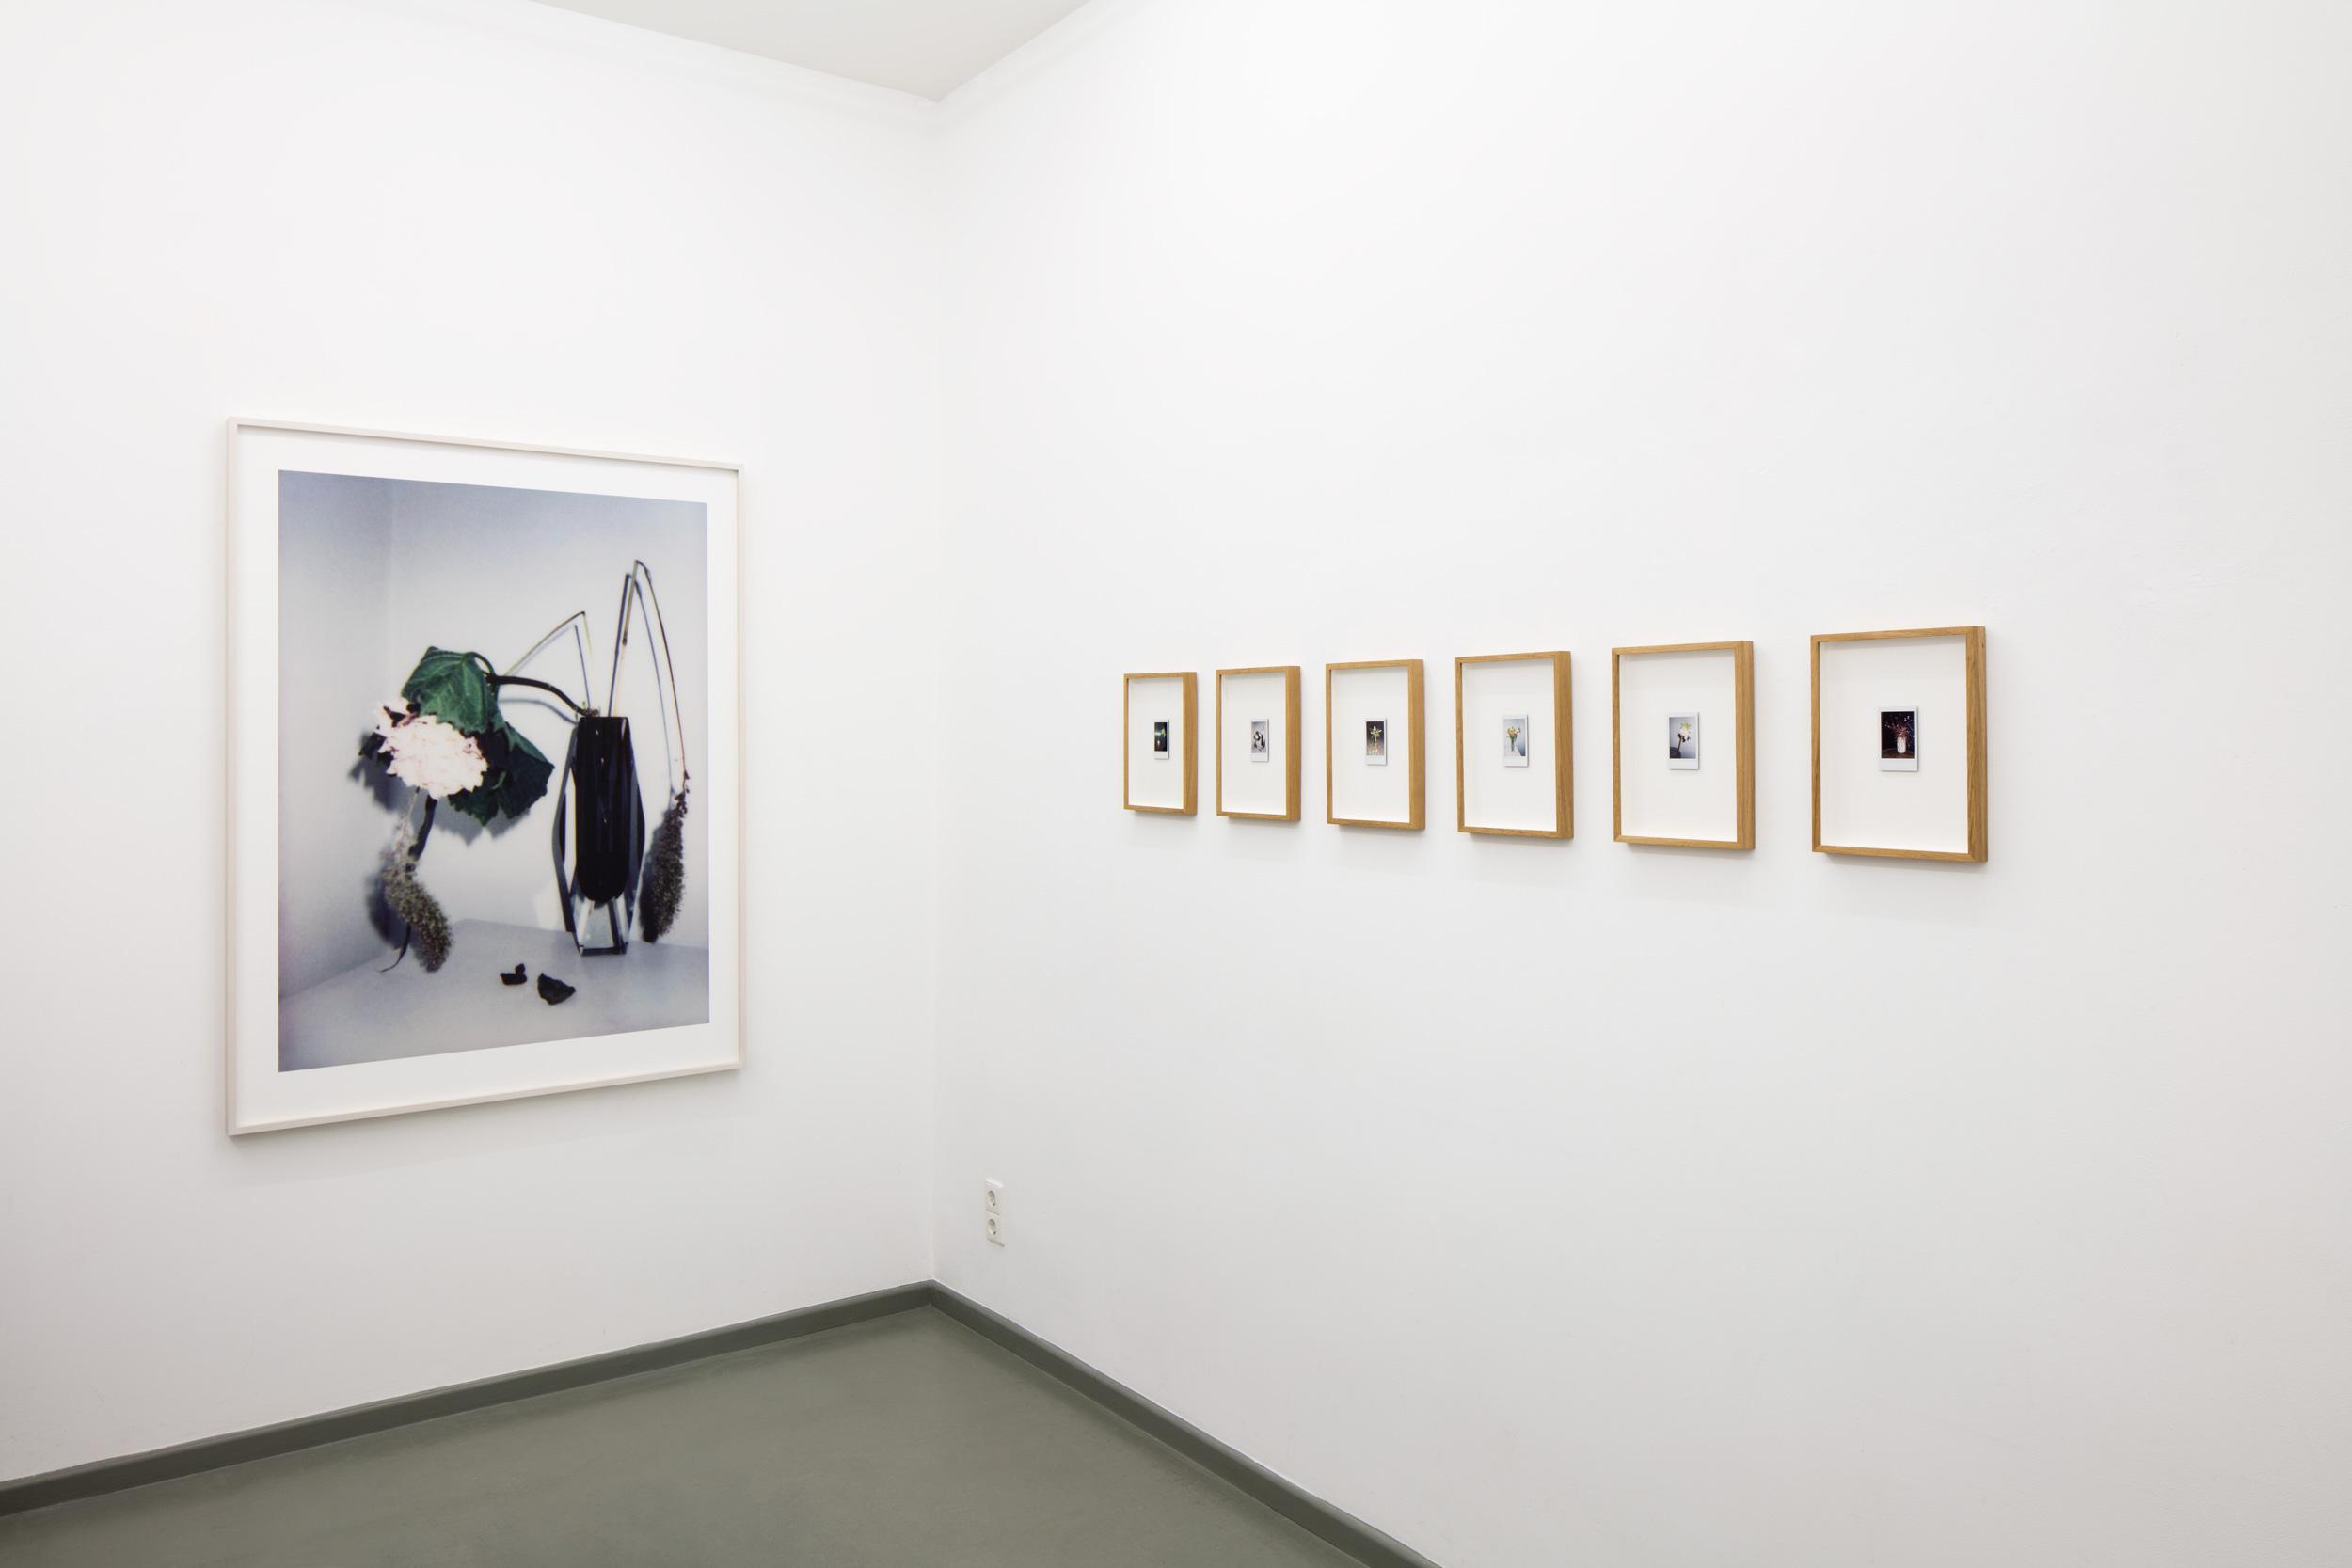 exhibition view BROKEN FLOWERS 1-6, Rasche Ripken, 2018